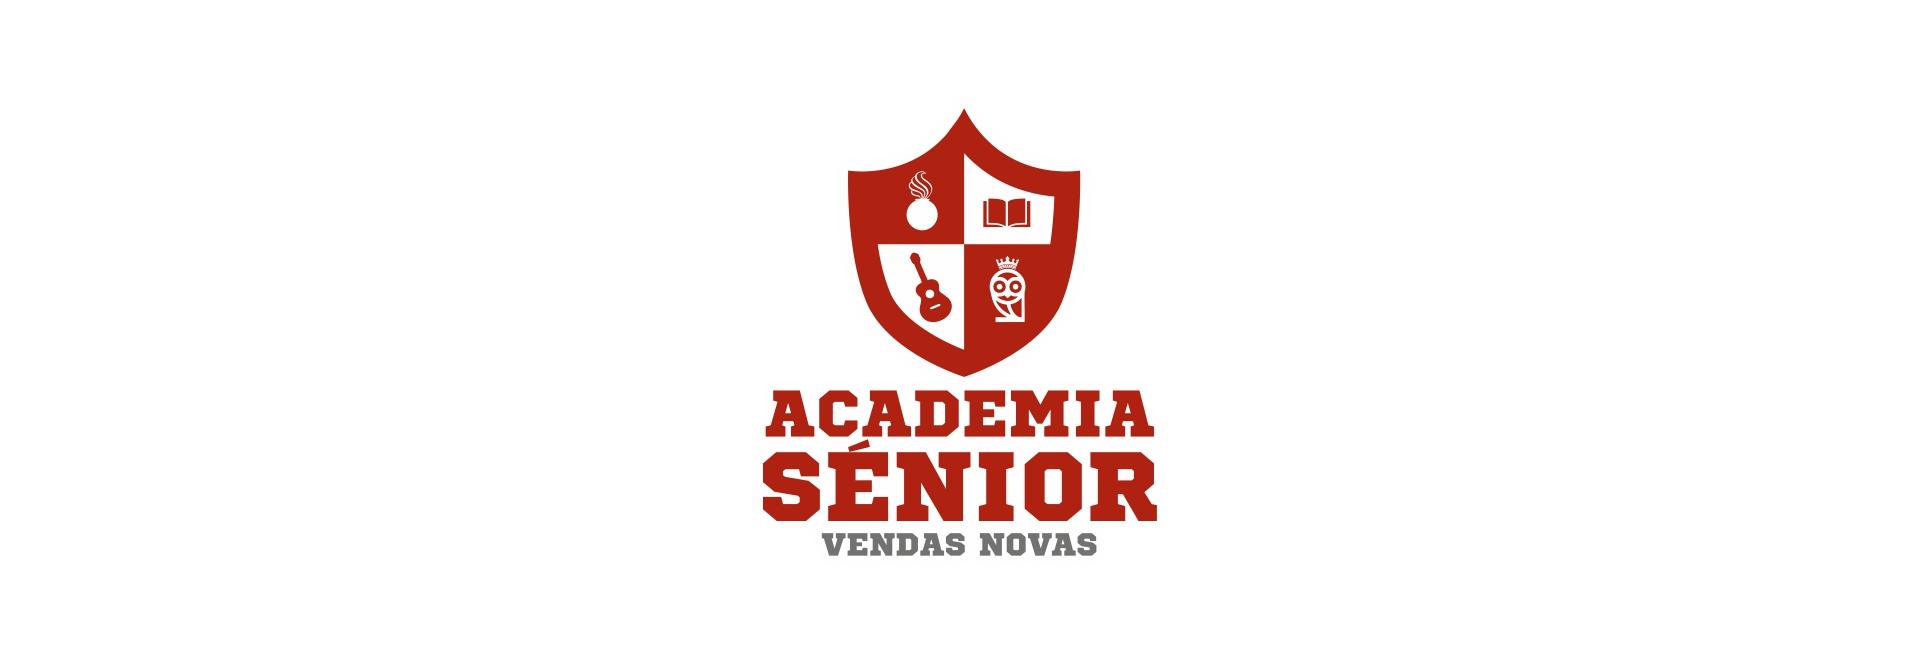 Academia site